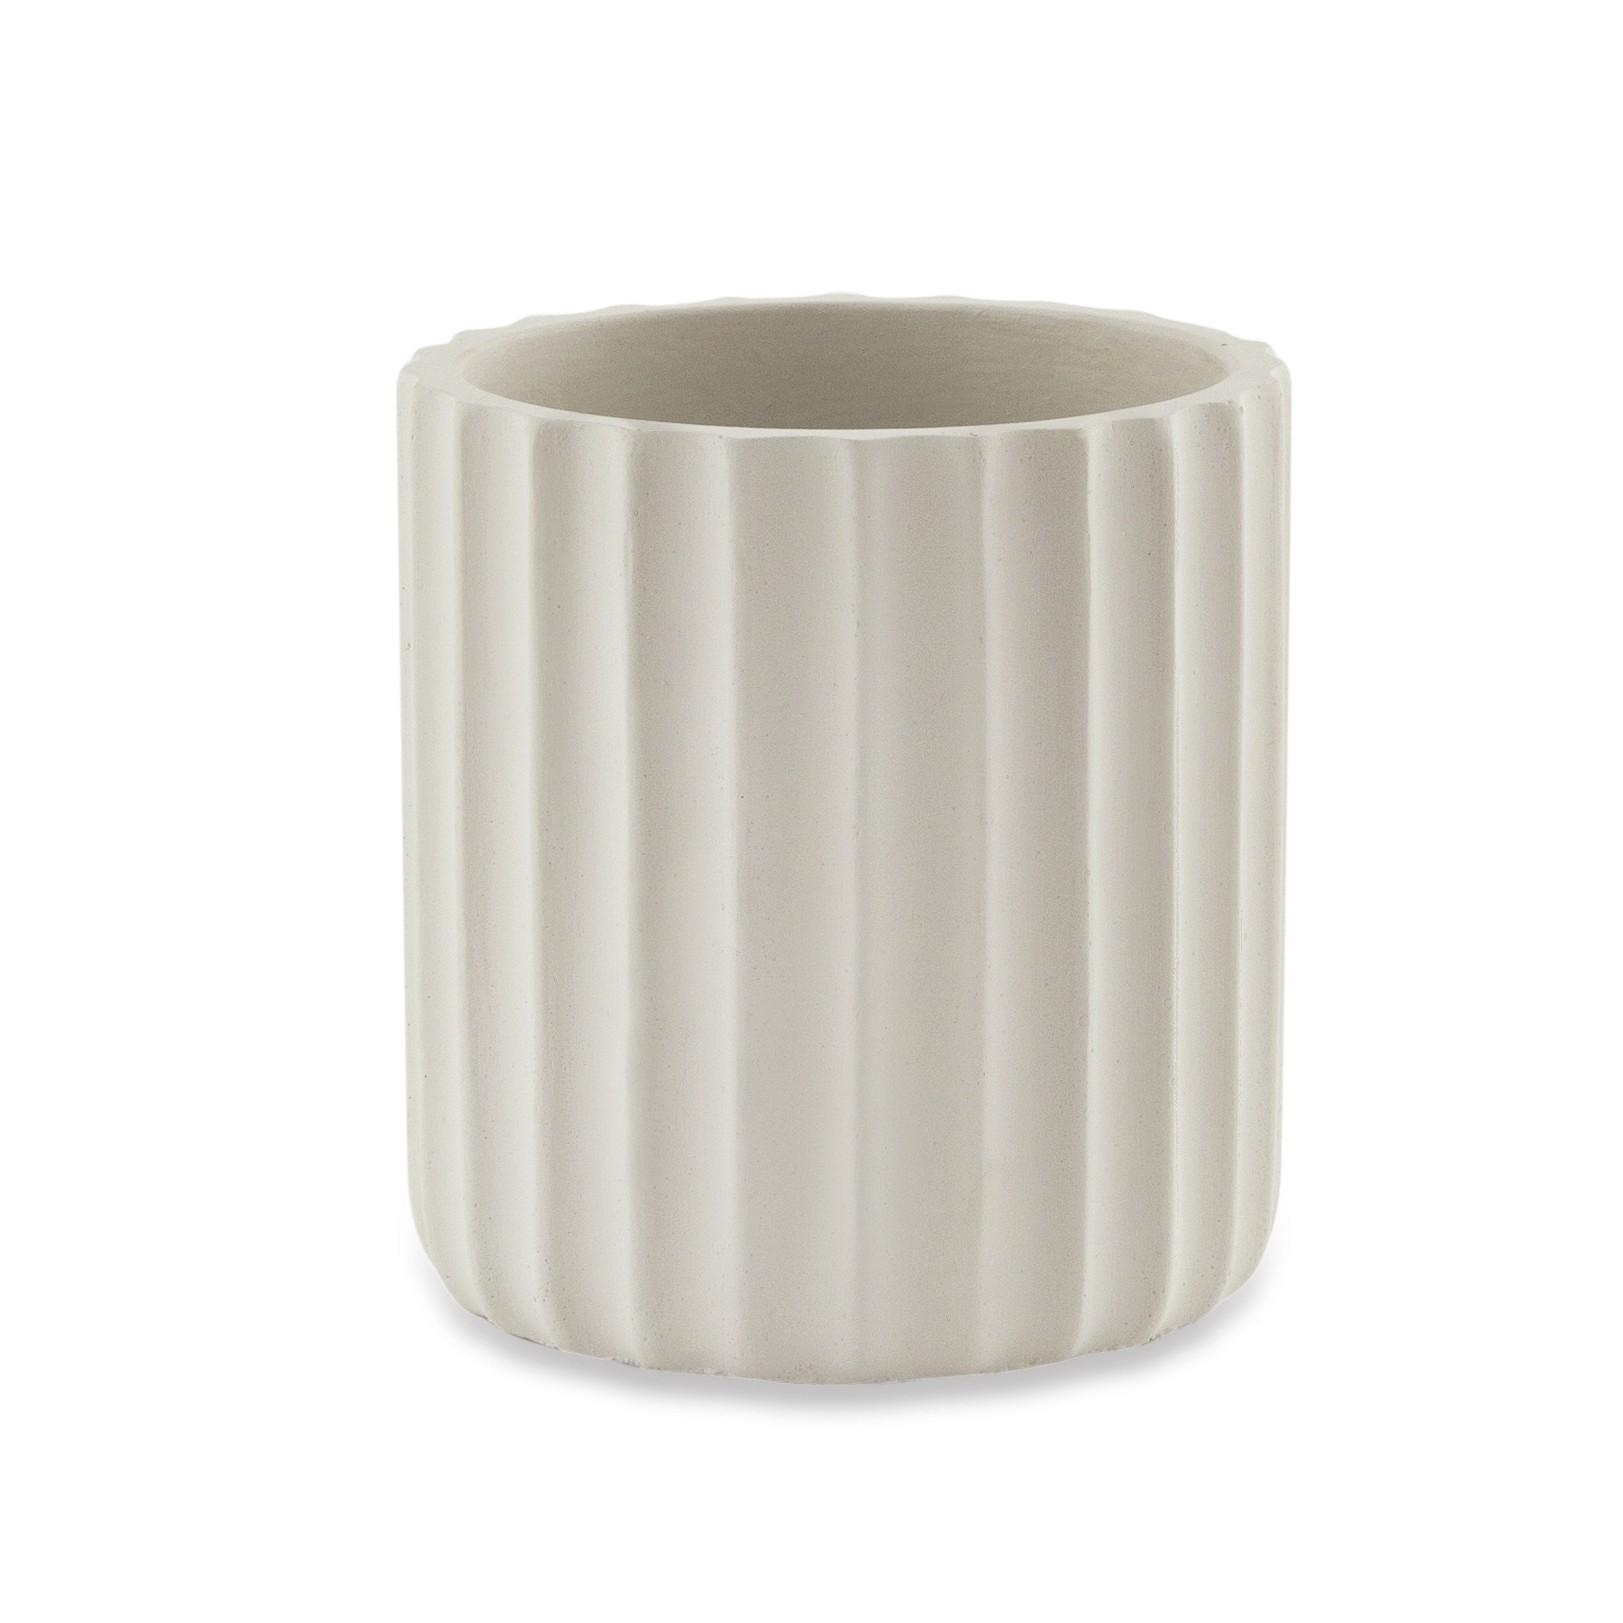 Cachepot em Cimento Off White 10x1050 cm - Mart